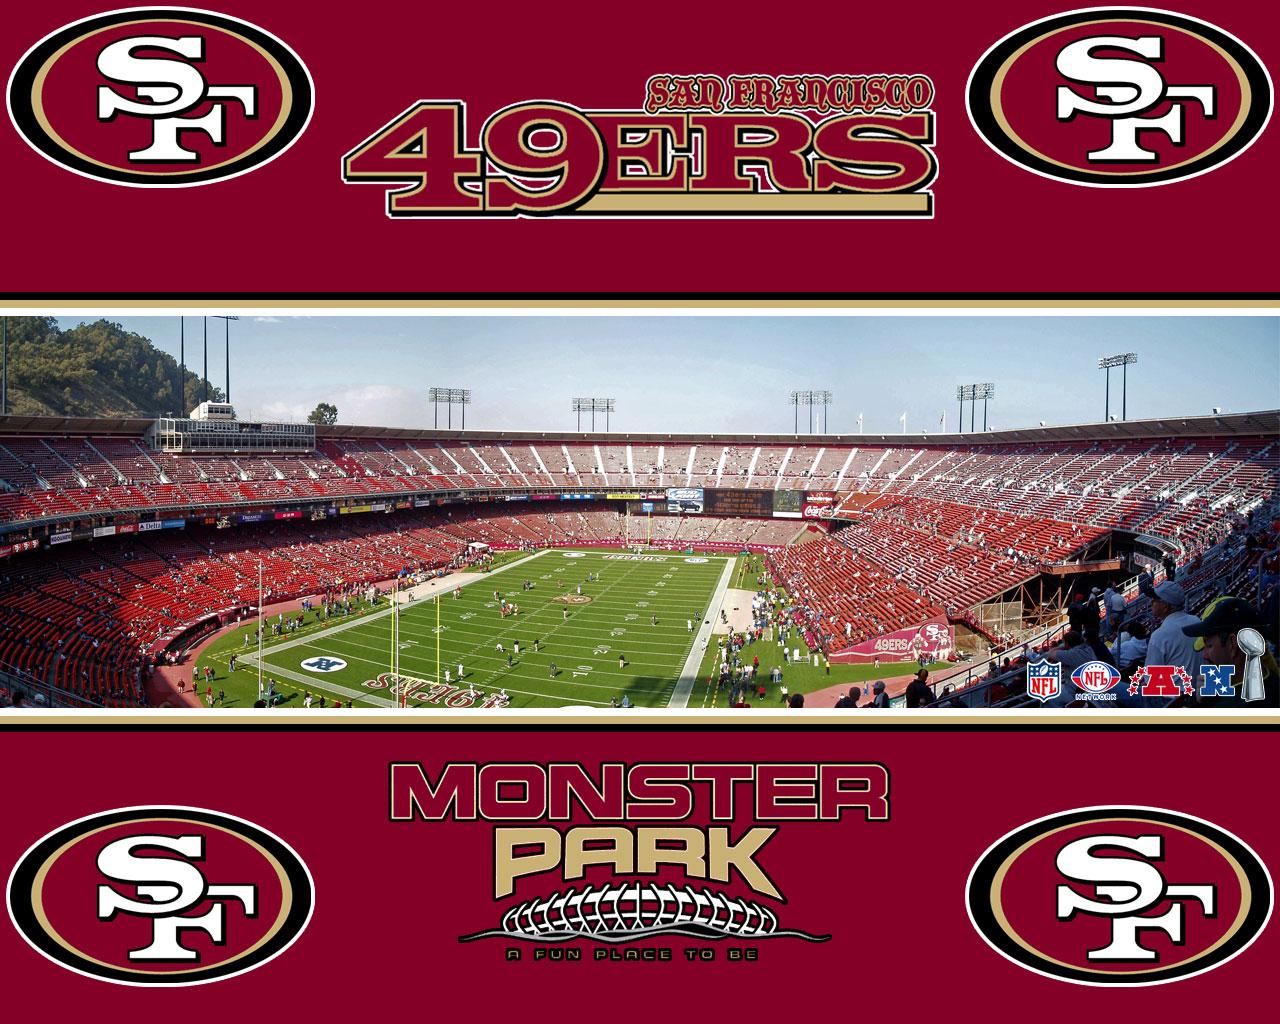 San Francisco 49ers wallpaper wallpaper San Francisco 49ers 1280x1024